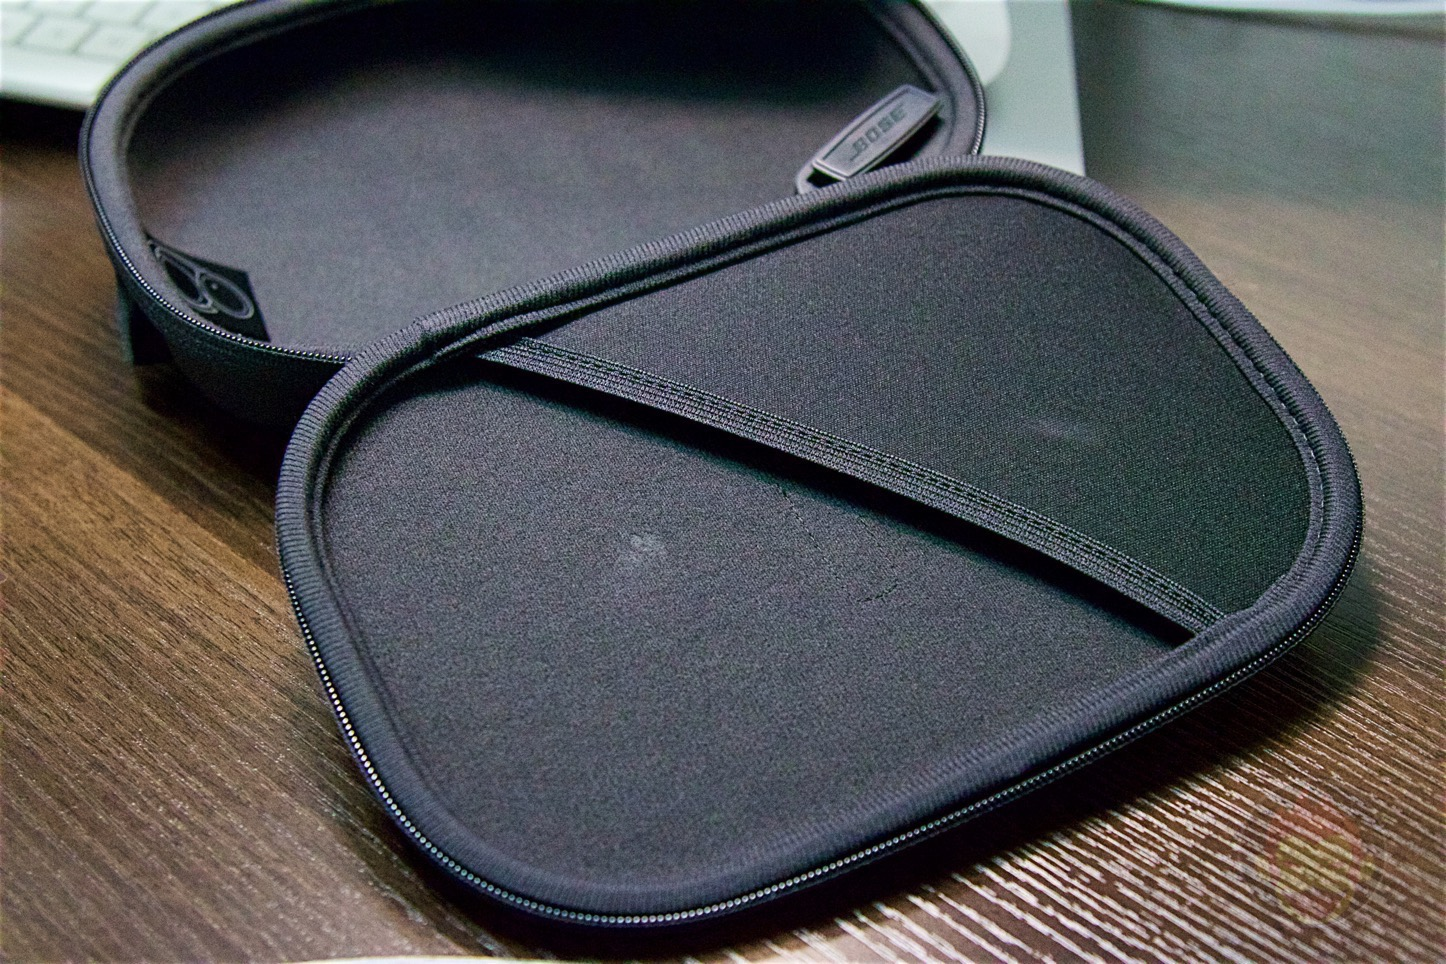 Bose-Quiet-Comfort35-17.jpg